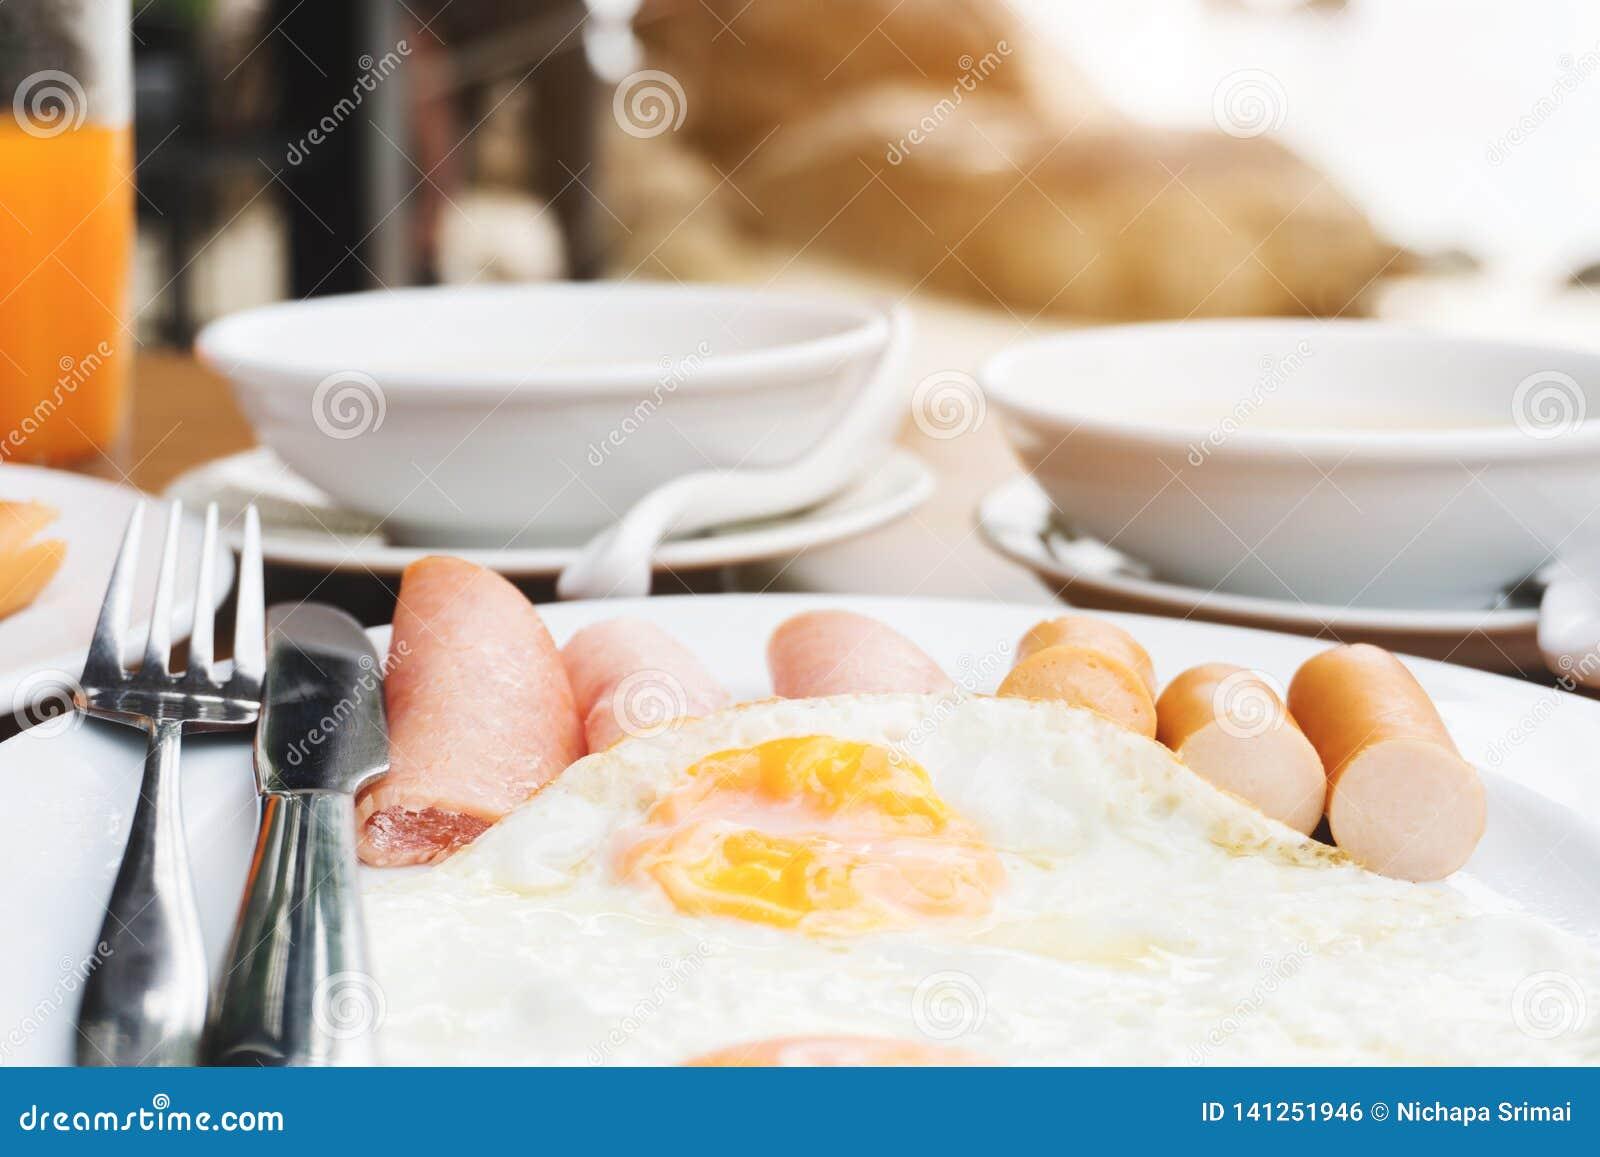 Genießen des Frühstücks nahe tropischem Seesommerkonzept